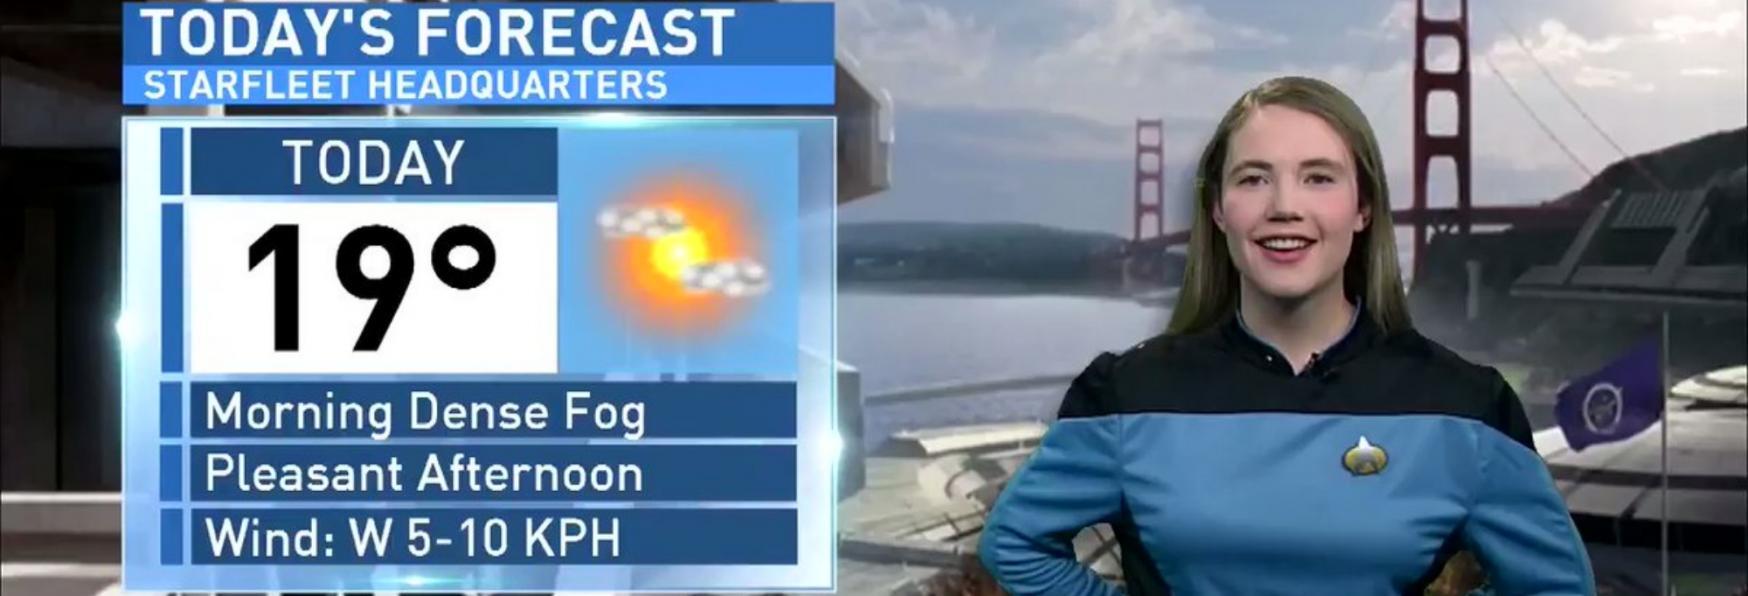 Star Trek: Previsioni del Tempo molto Particolari da una Fan di Picard